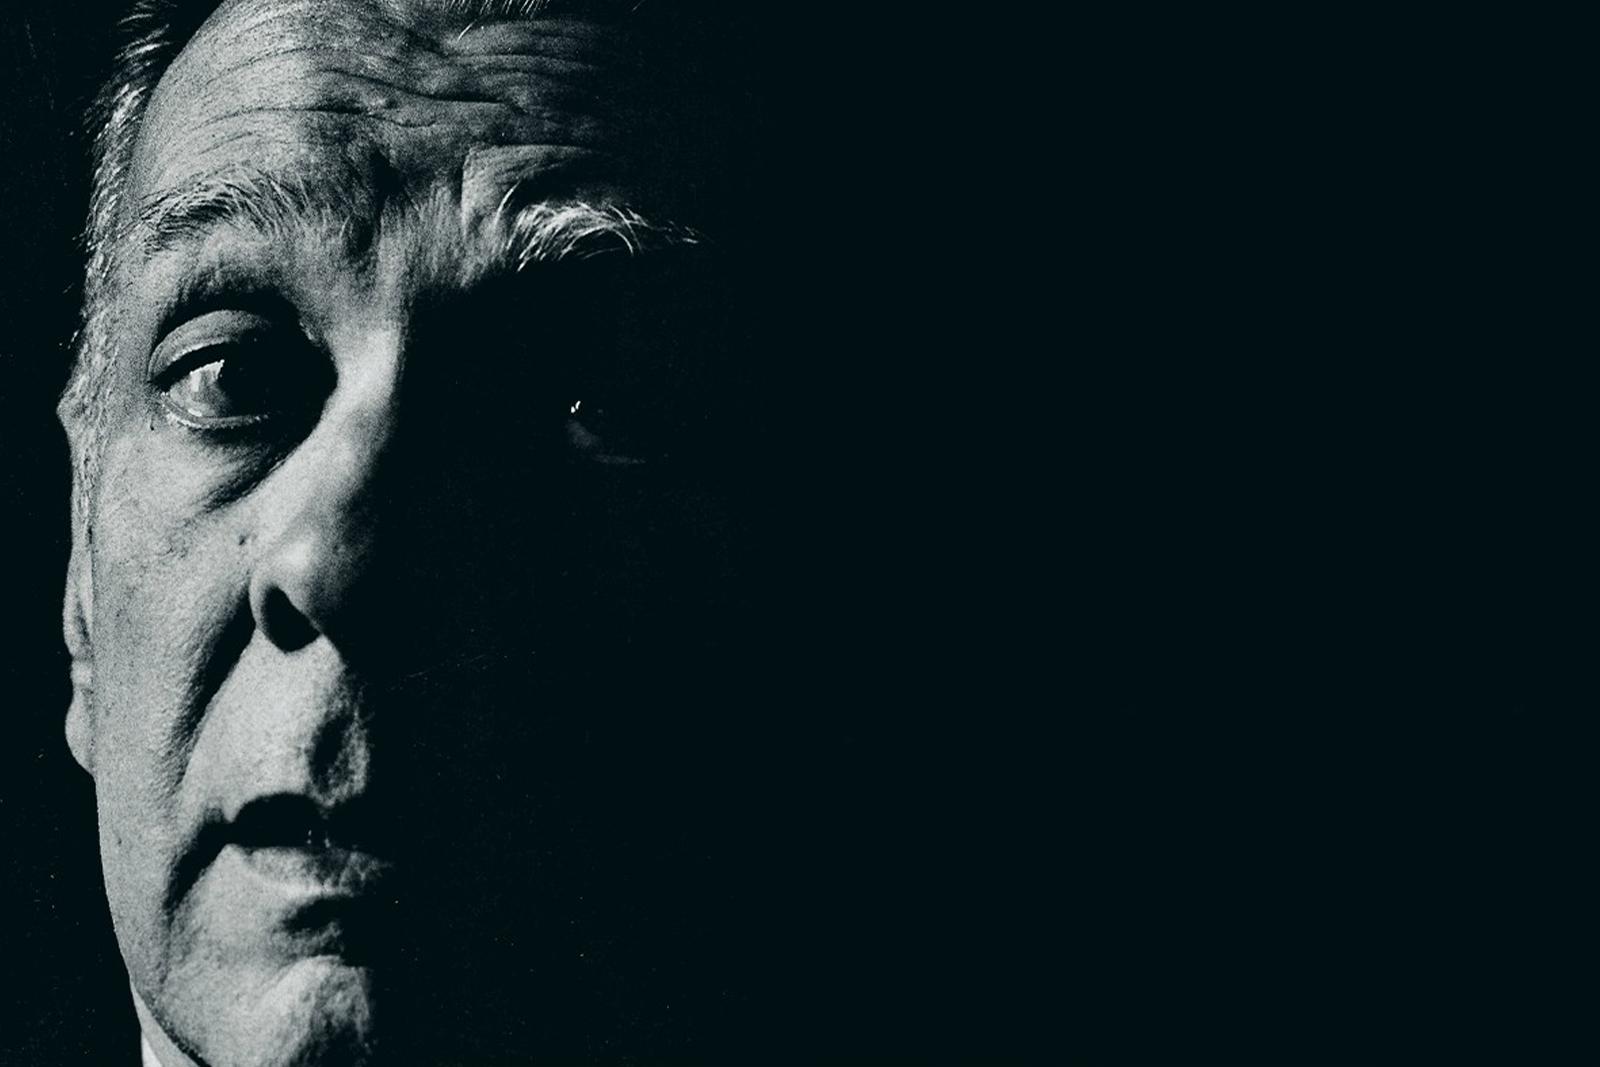 La cifra Jorge Luis Borges